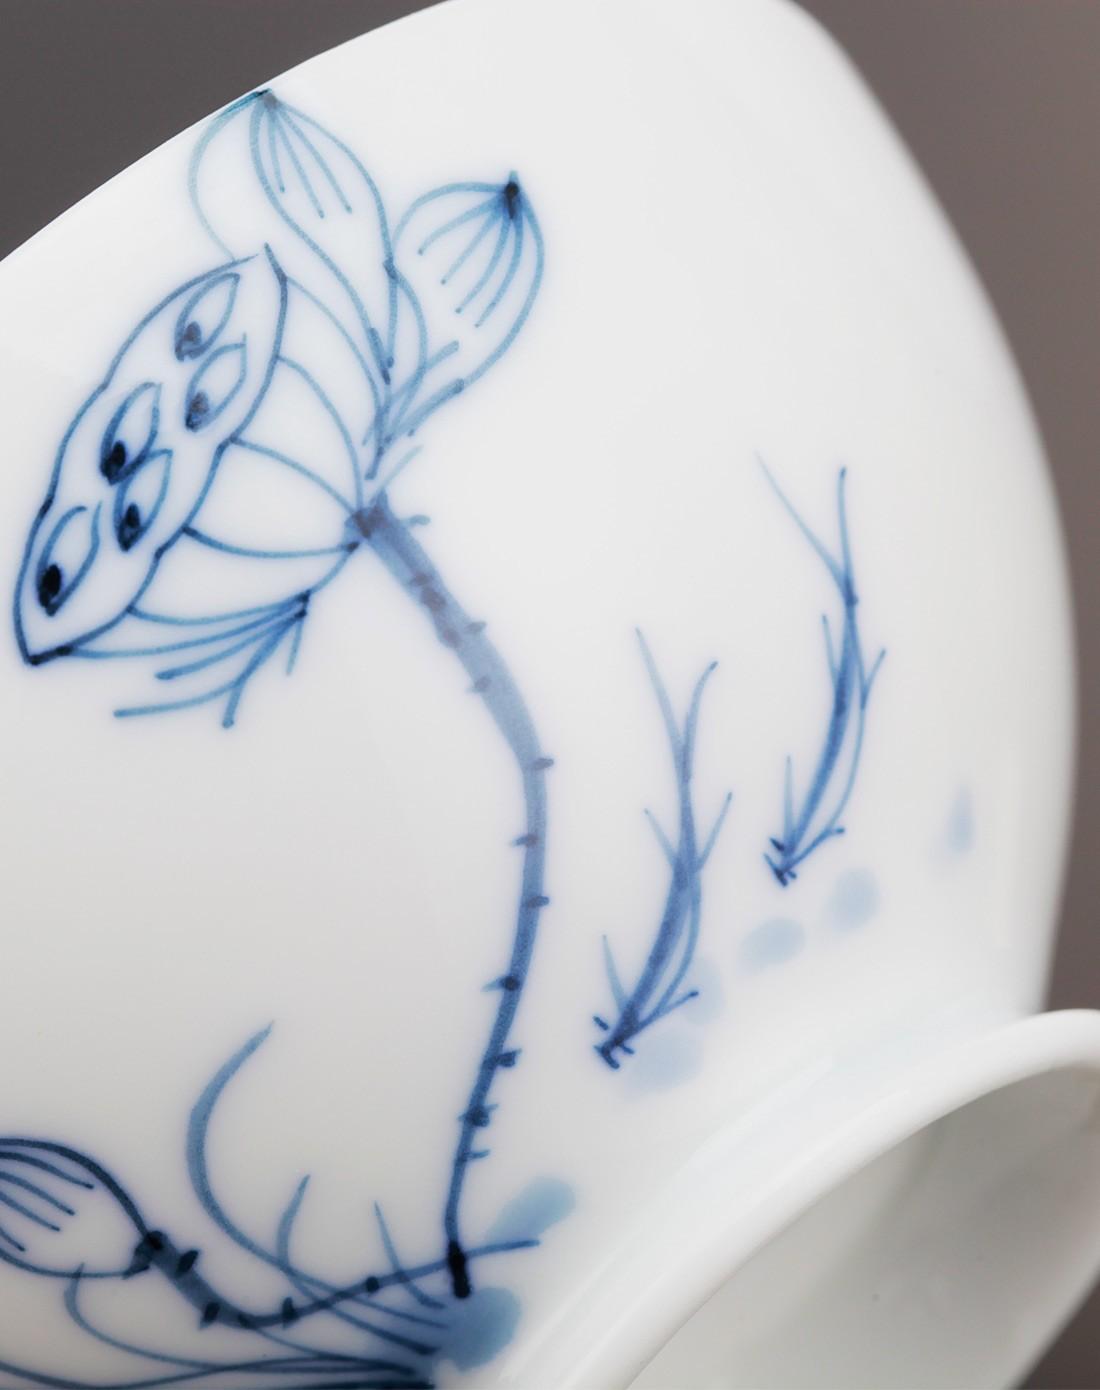 莲藕与小鱼-蓝彩手绘双人明月主人杯套装